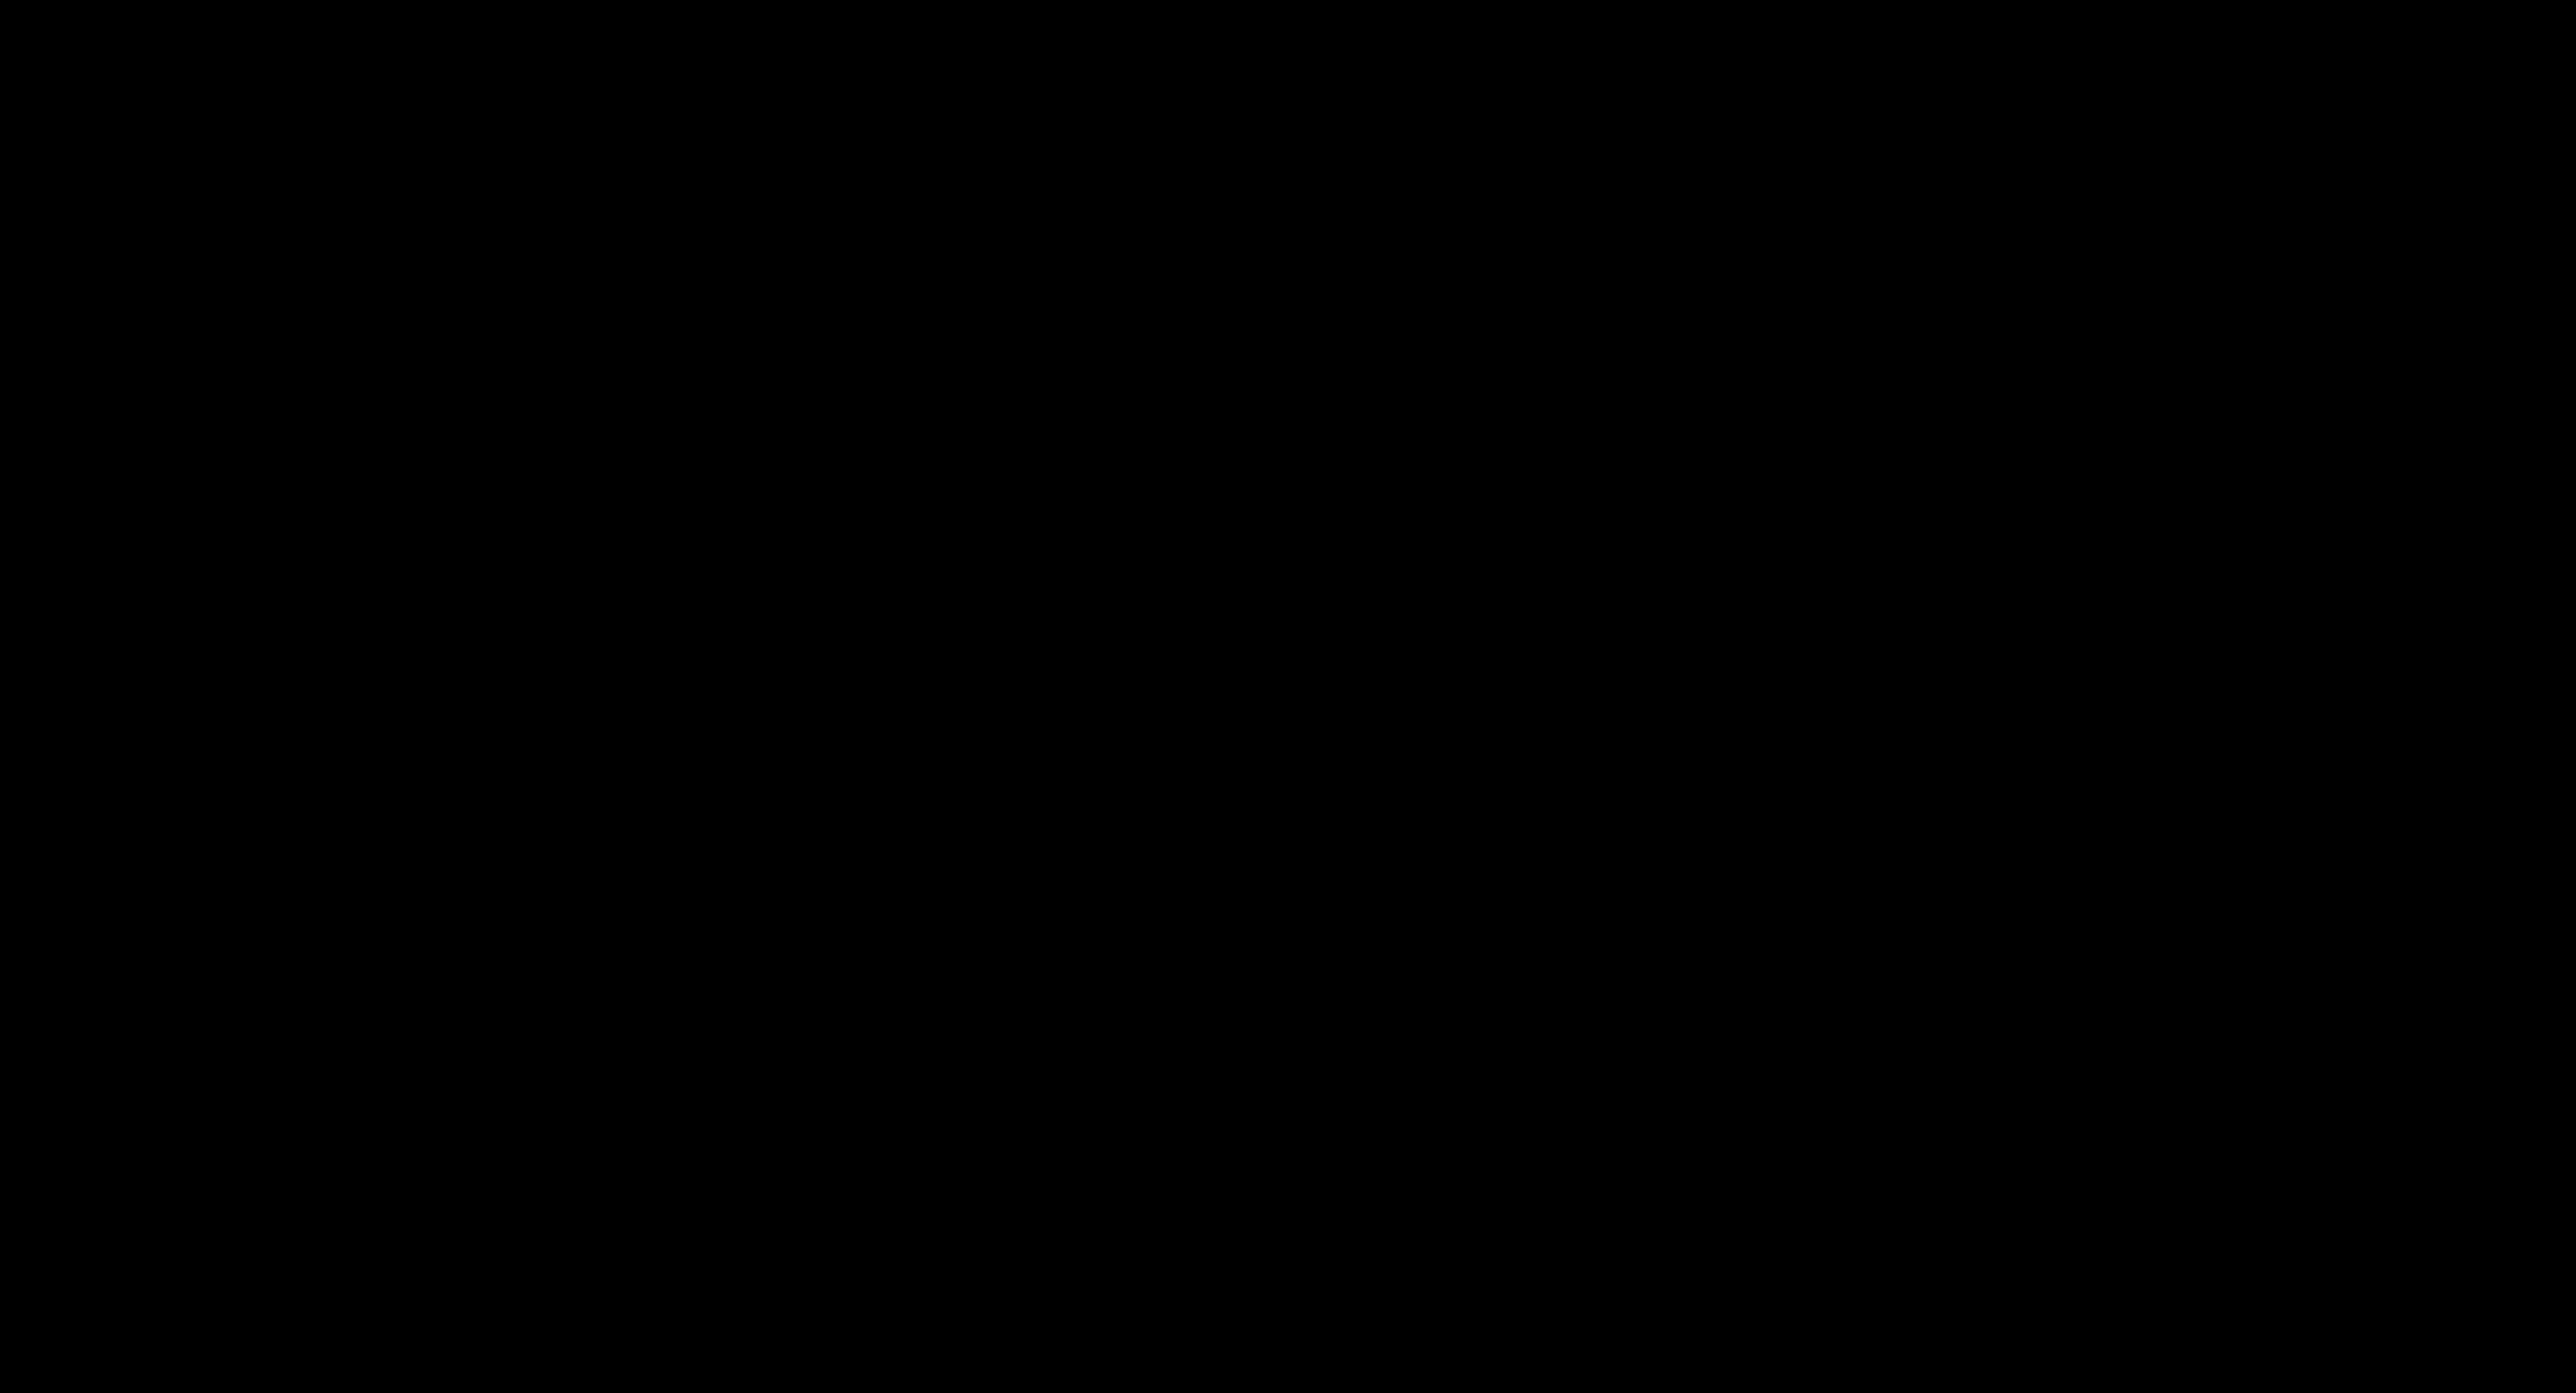 Menu PNG Background Image SVG Clip arts